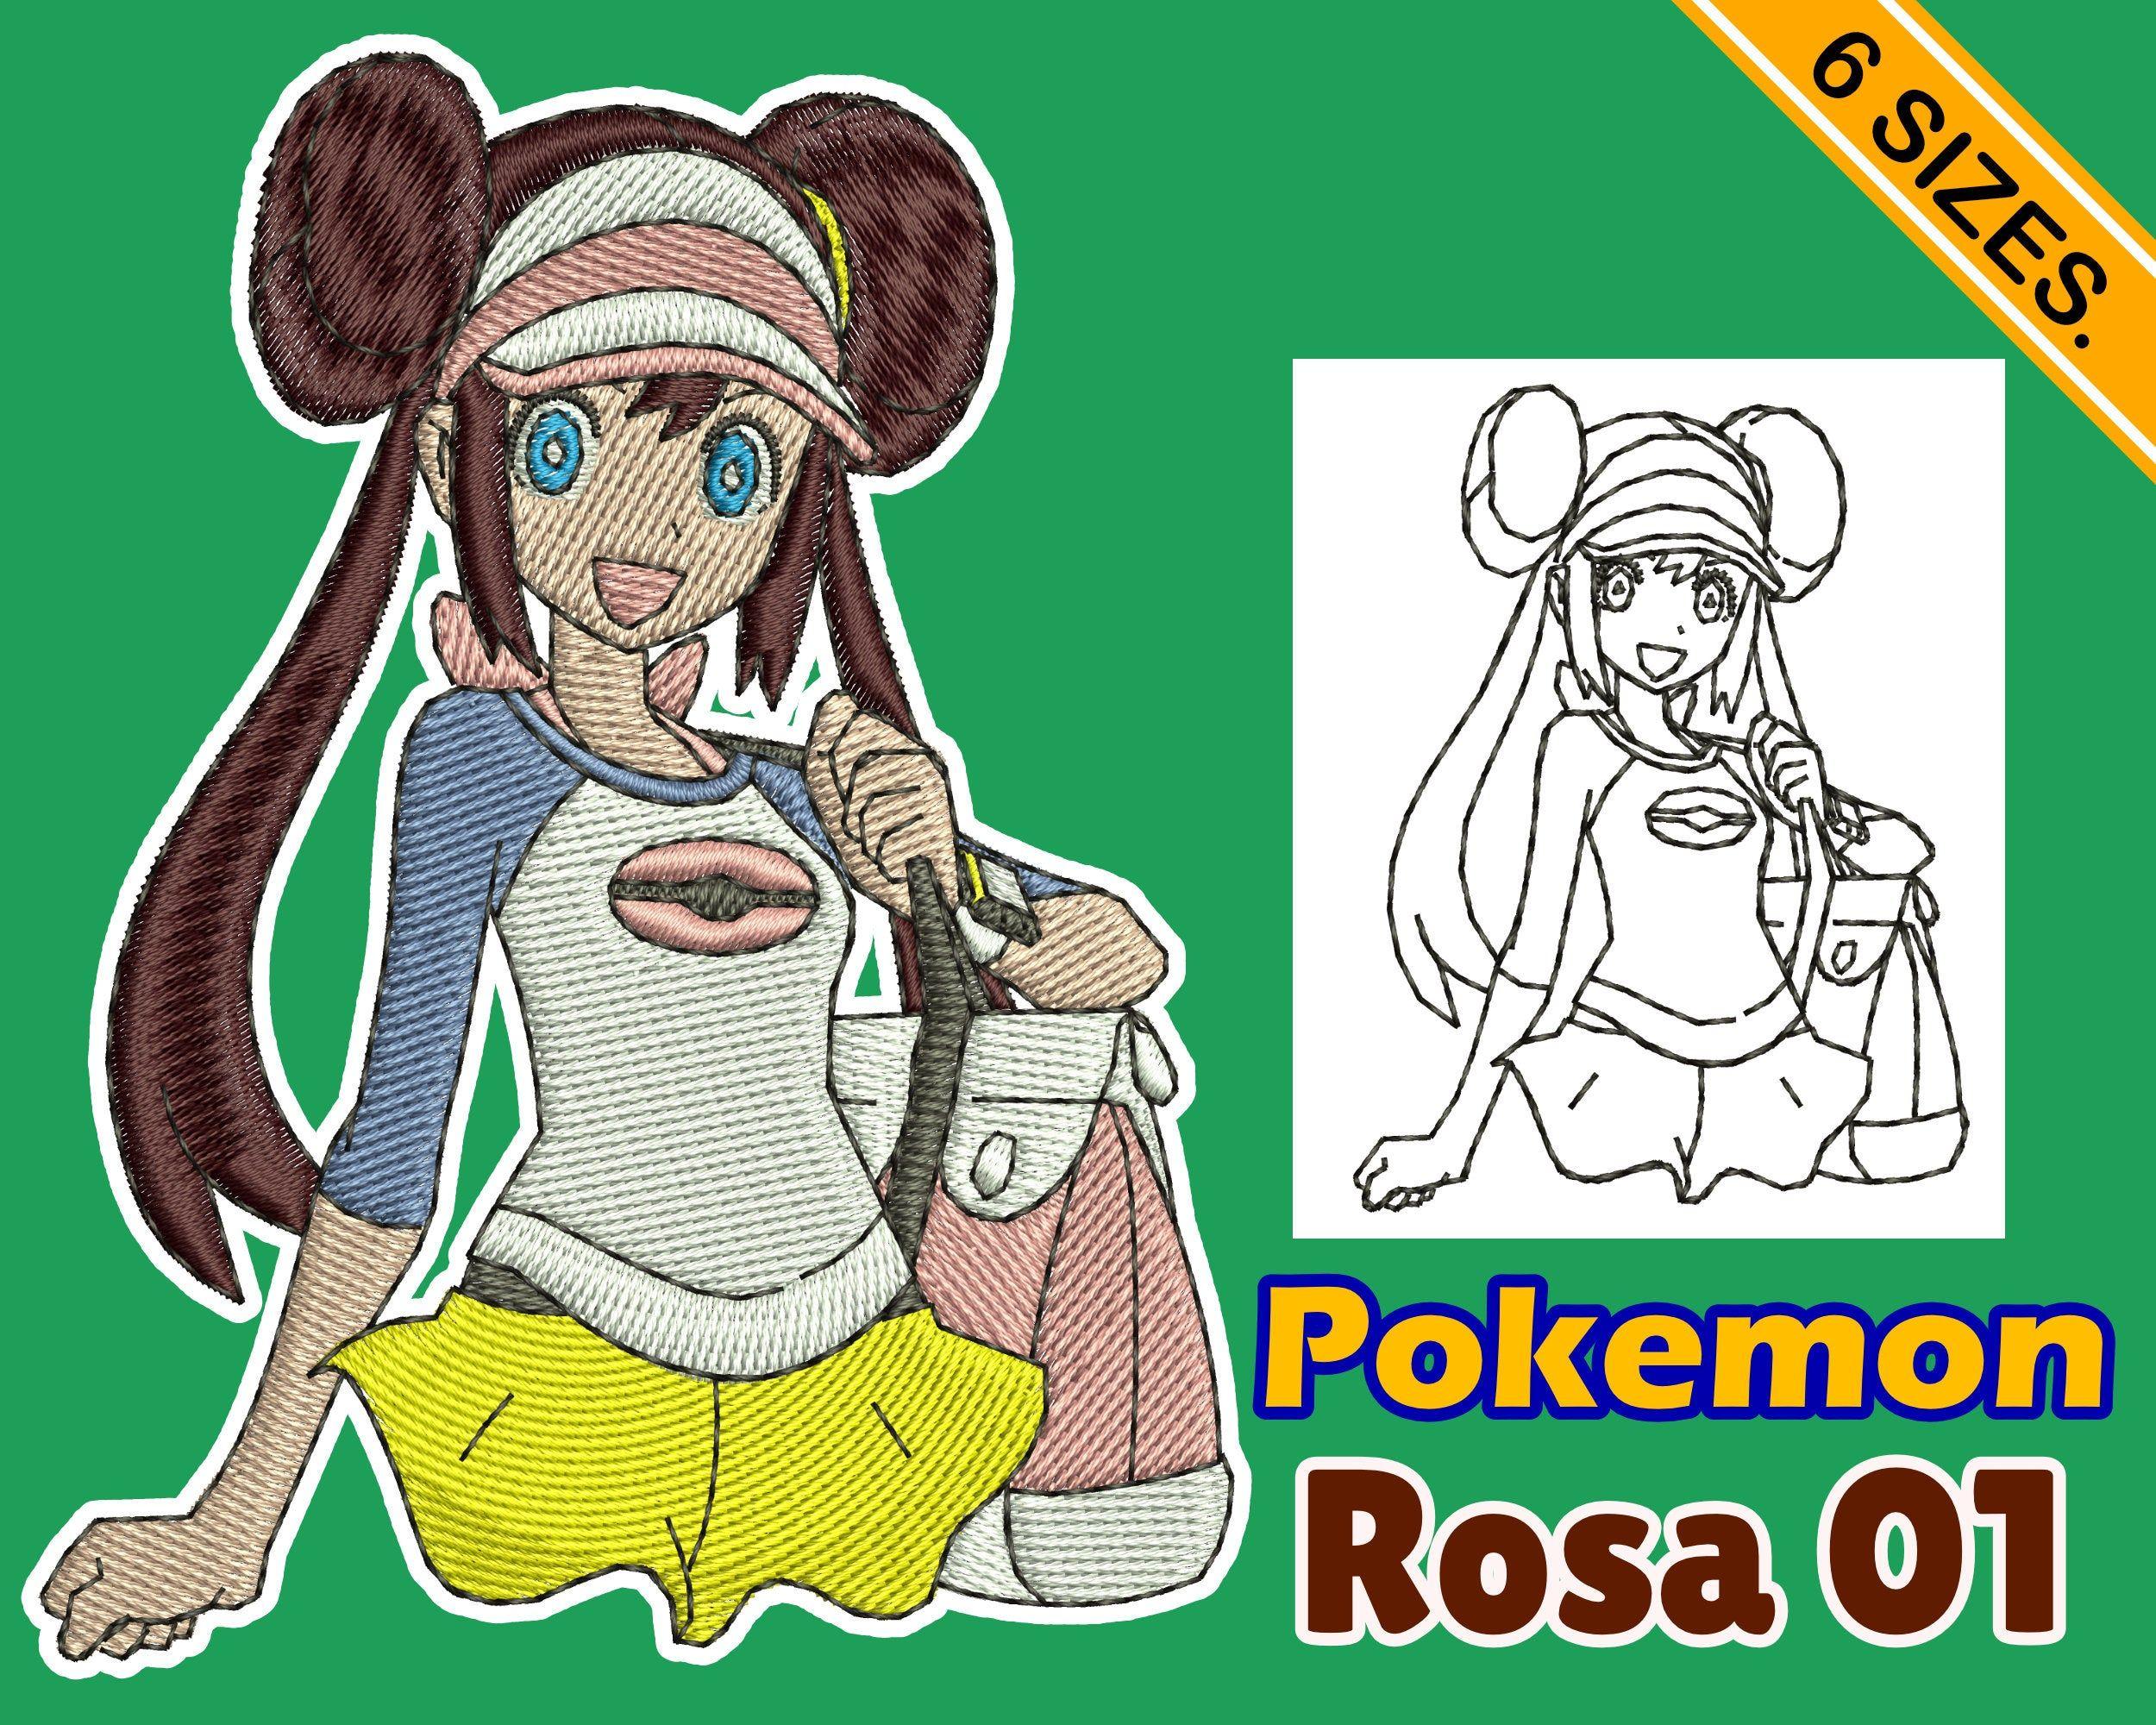 Embroidery design Pokemon Rosa 01 INSTANT download machine